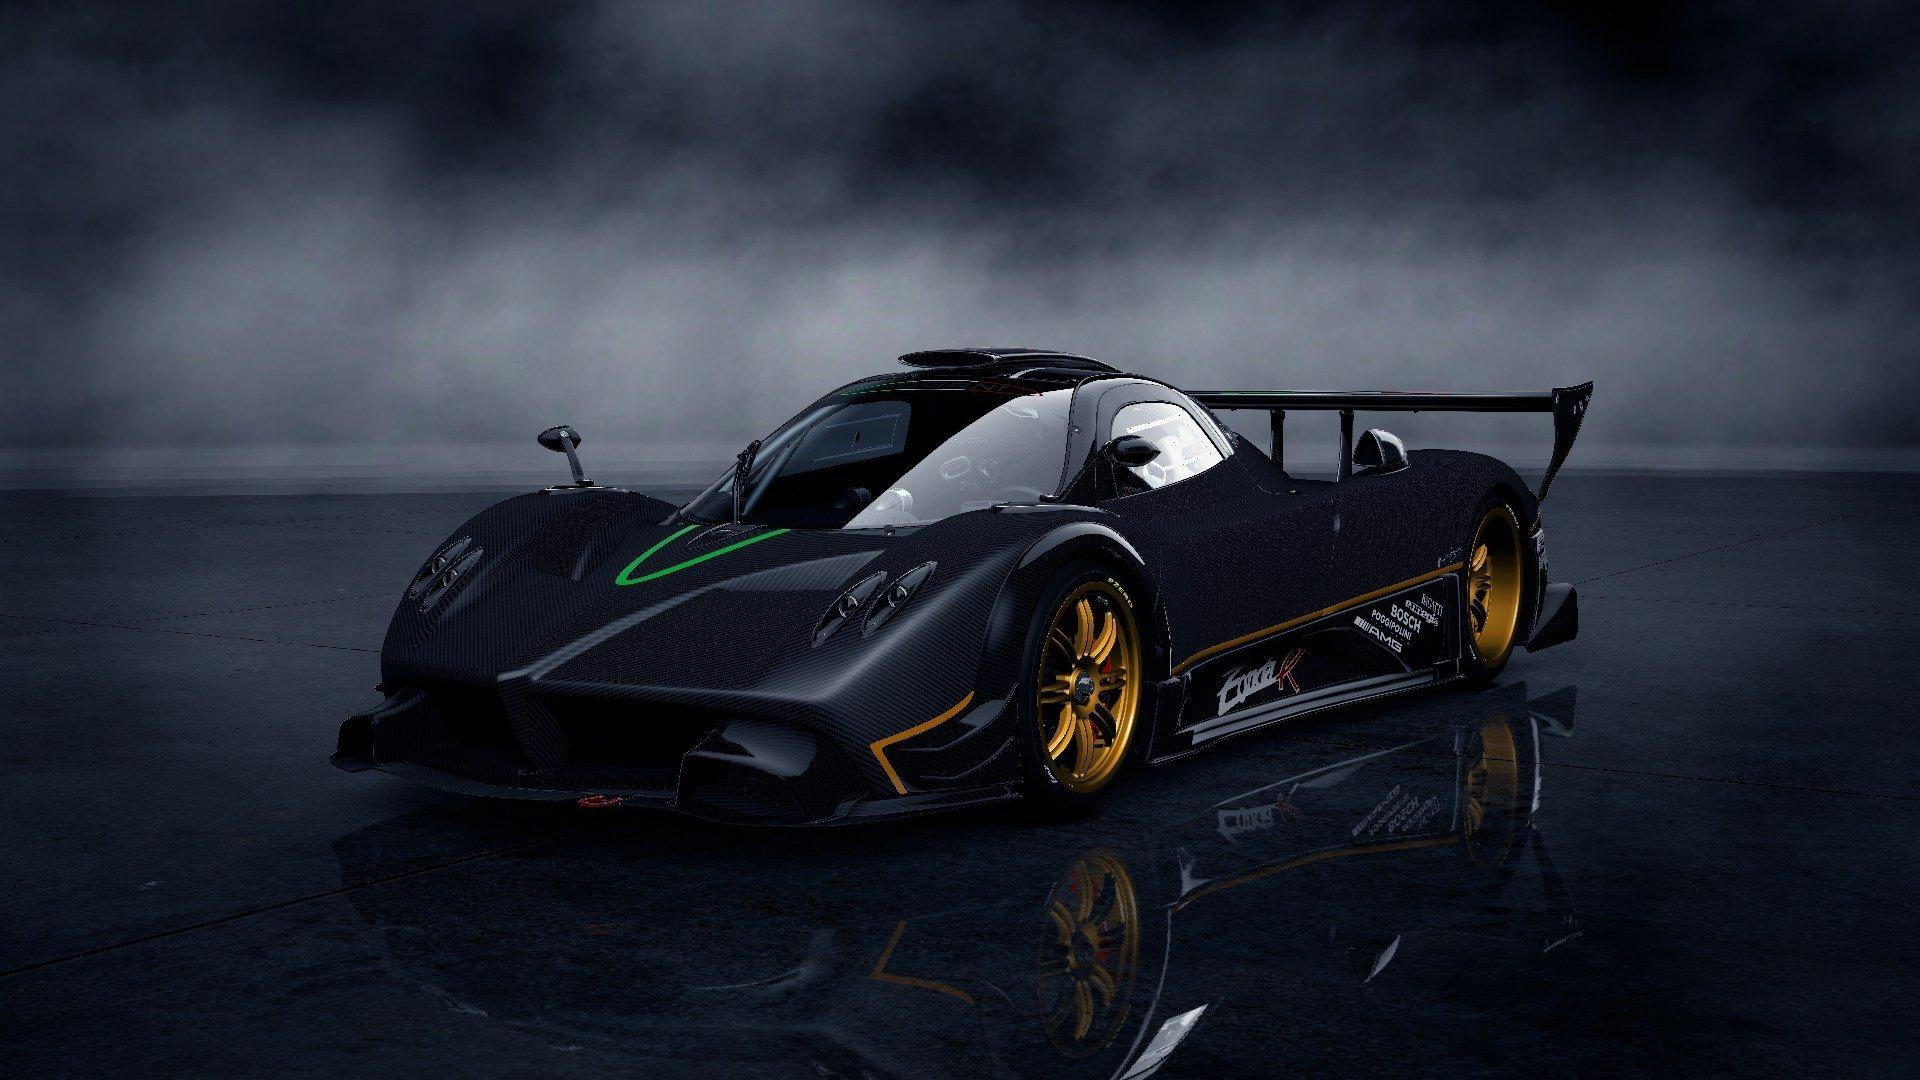 Video Games Cars Pagani Zonda R Gran Turismo 5 Playstation